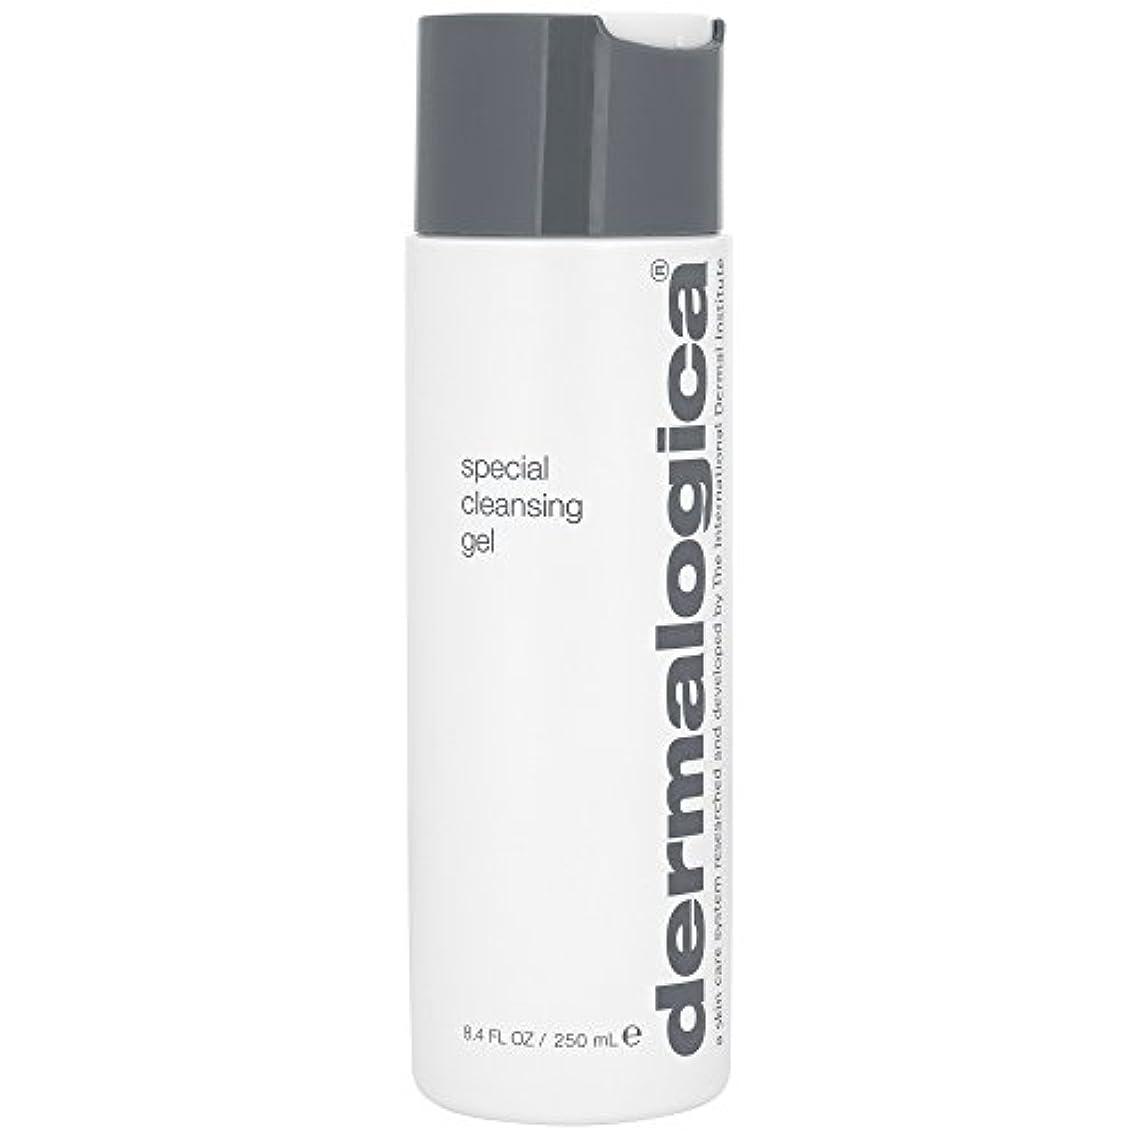 紳士浸漬進化するダーマロジカ特別なクレンジングゲル250ミリリットル (Dermalogica) - Dermalogica Special Cleansing Gel 250ml [並行輸入品]